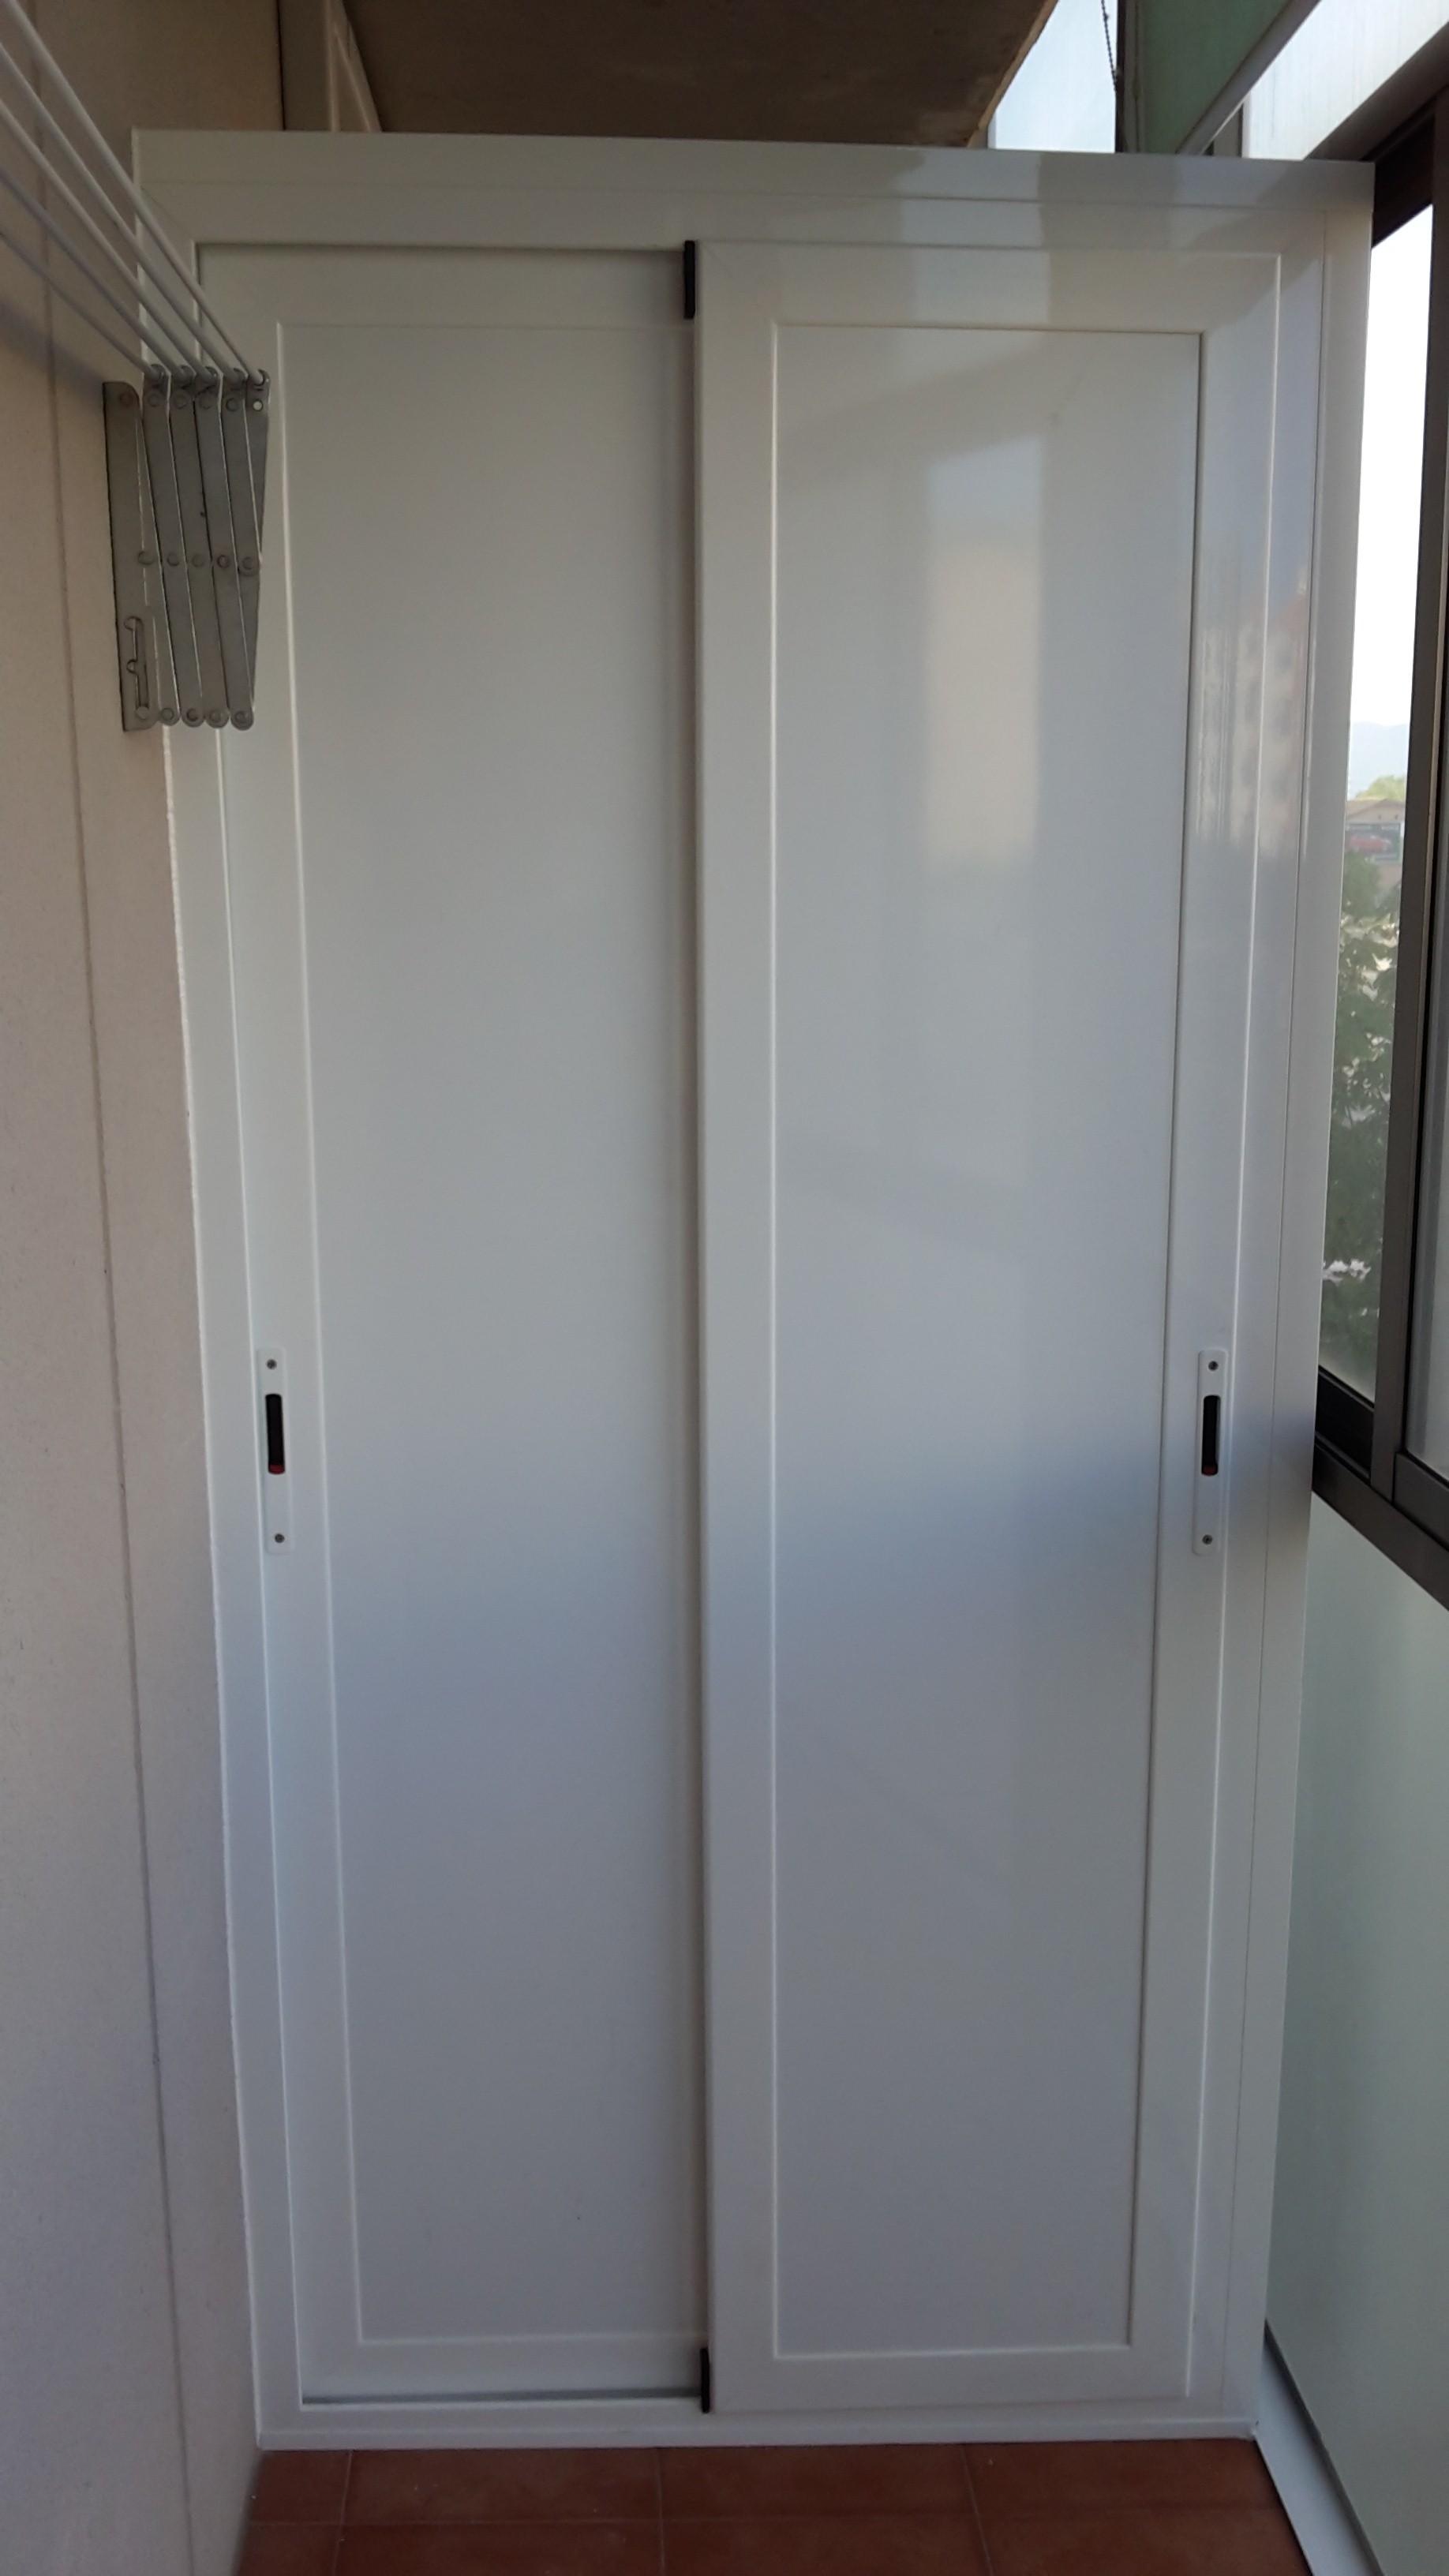 Armario de aluminio montajes de aluminio dg for Puertas para terrazas